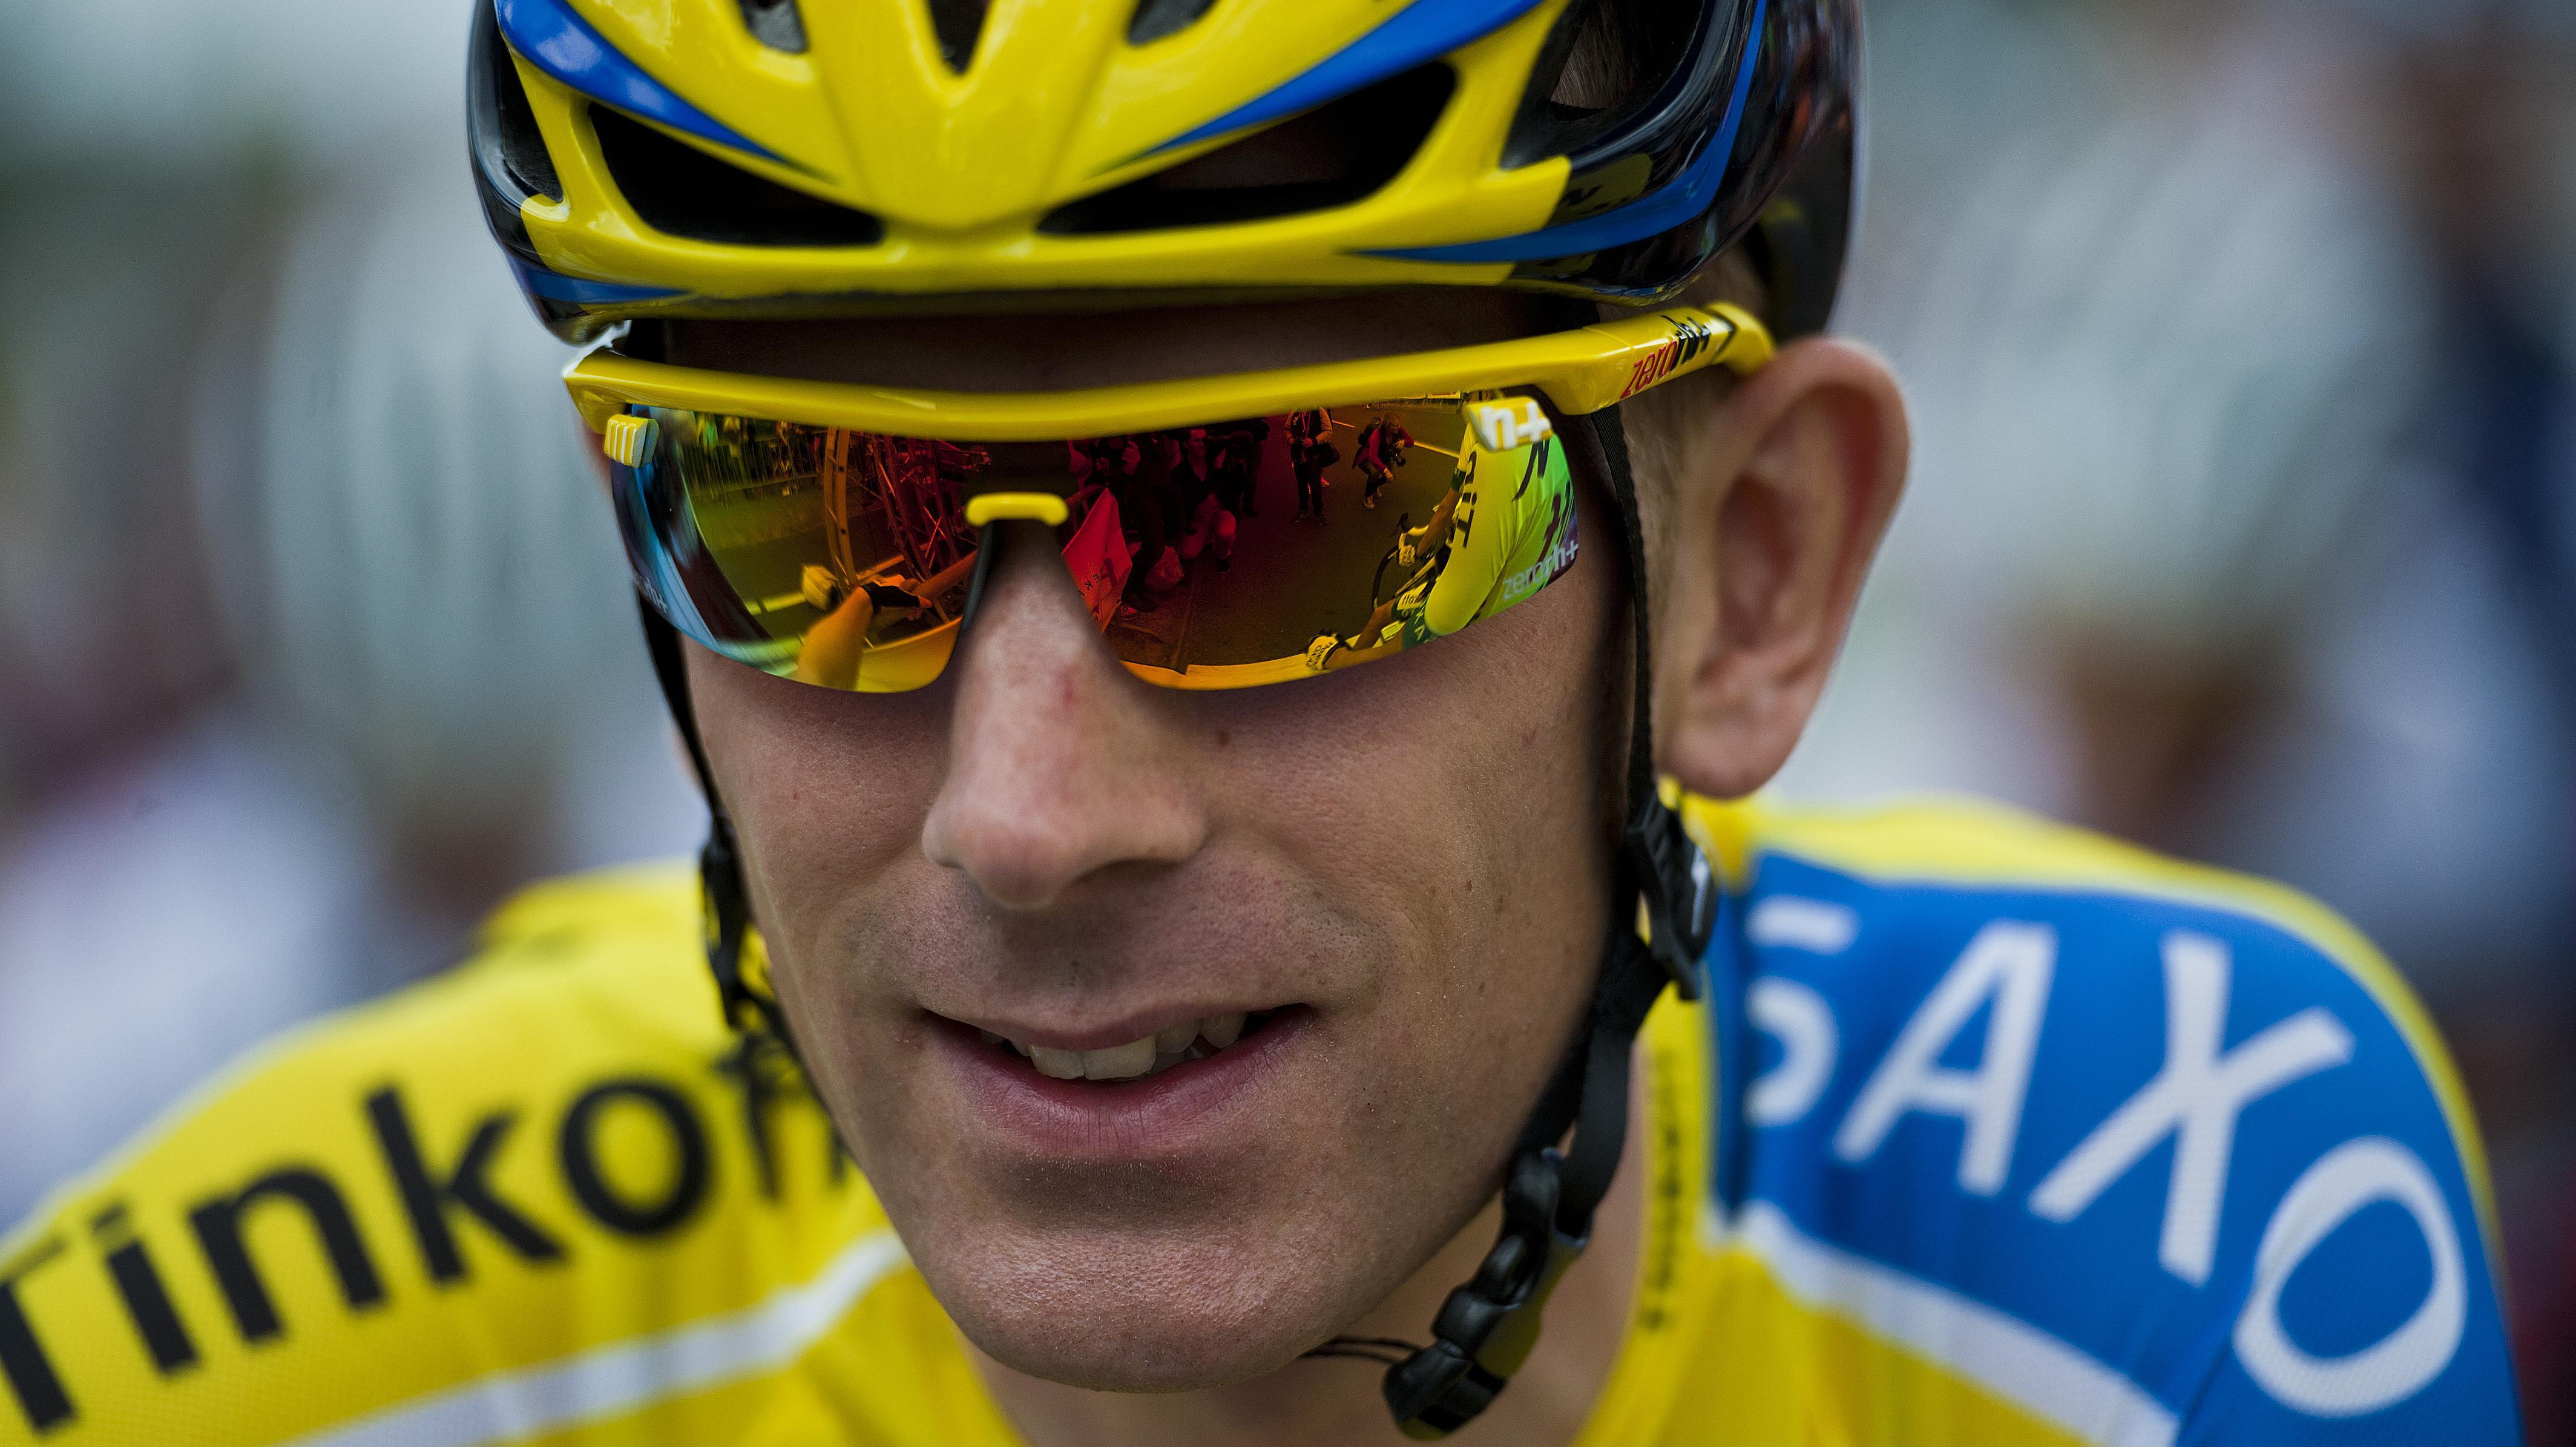 Tinkoff-Saxo-rytteren Michael Mørkøv hentede sit bedste resultat i år med andenplads på etape i Vallonien.